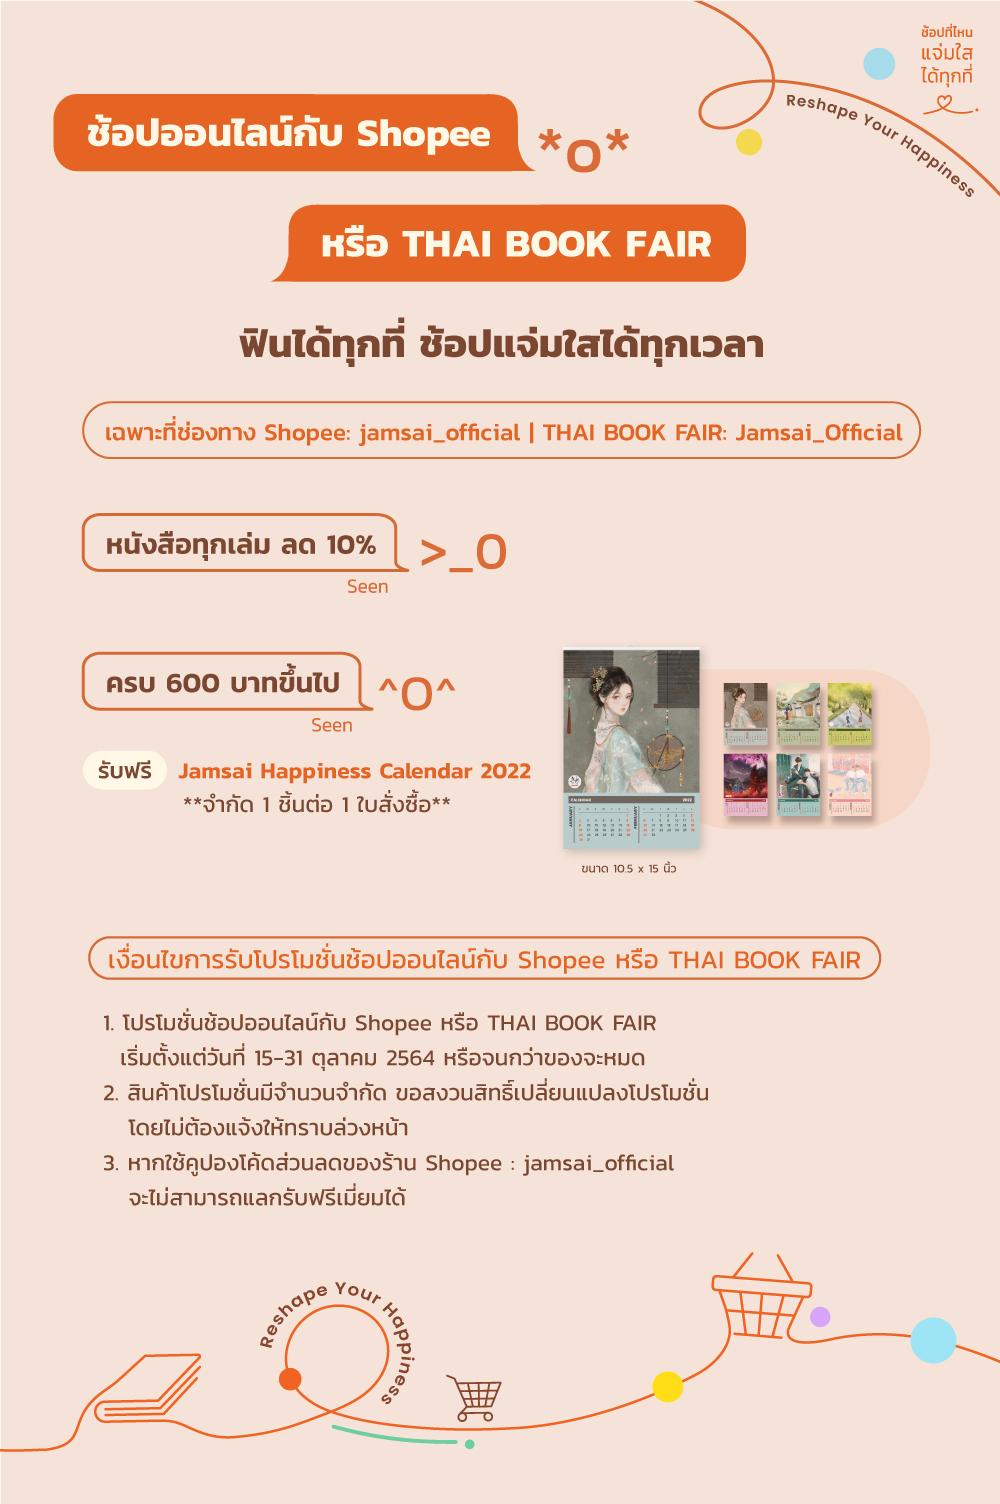 ช้อปออนไลน์กับ Shopee& Thai book fair